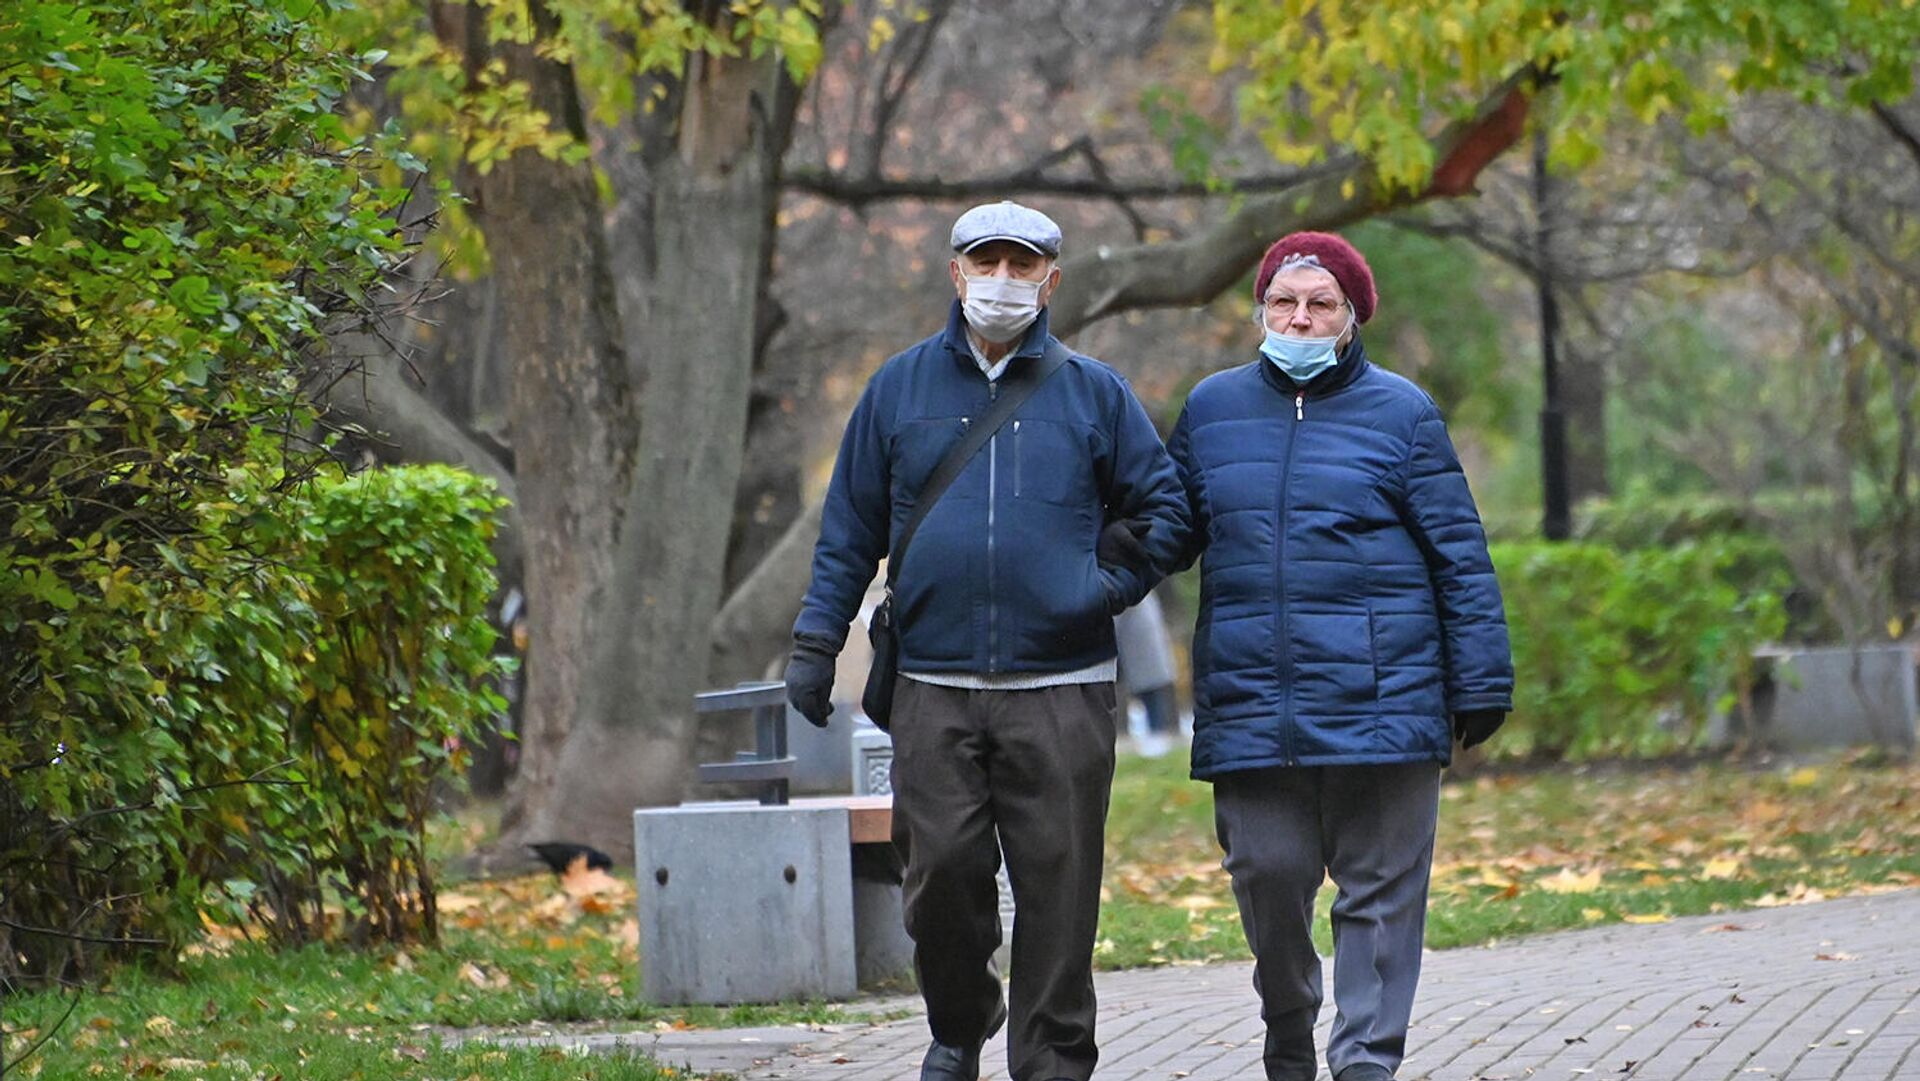 Пожилые люди в защитных масках на улице - РИА Новости, 1920, 05.12.2020